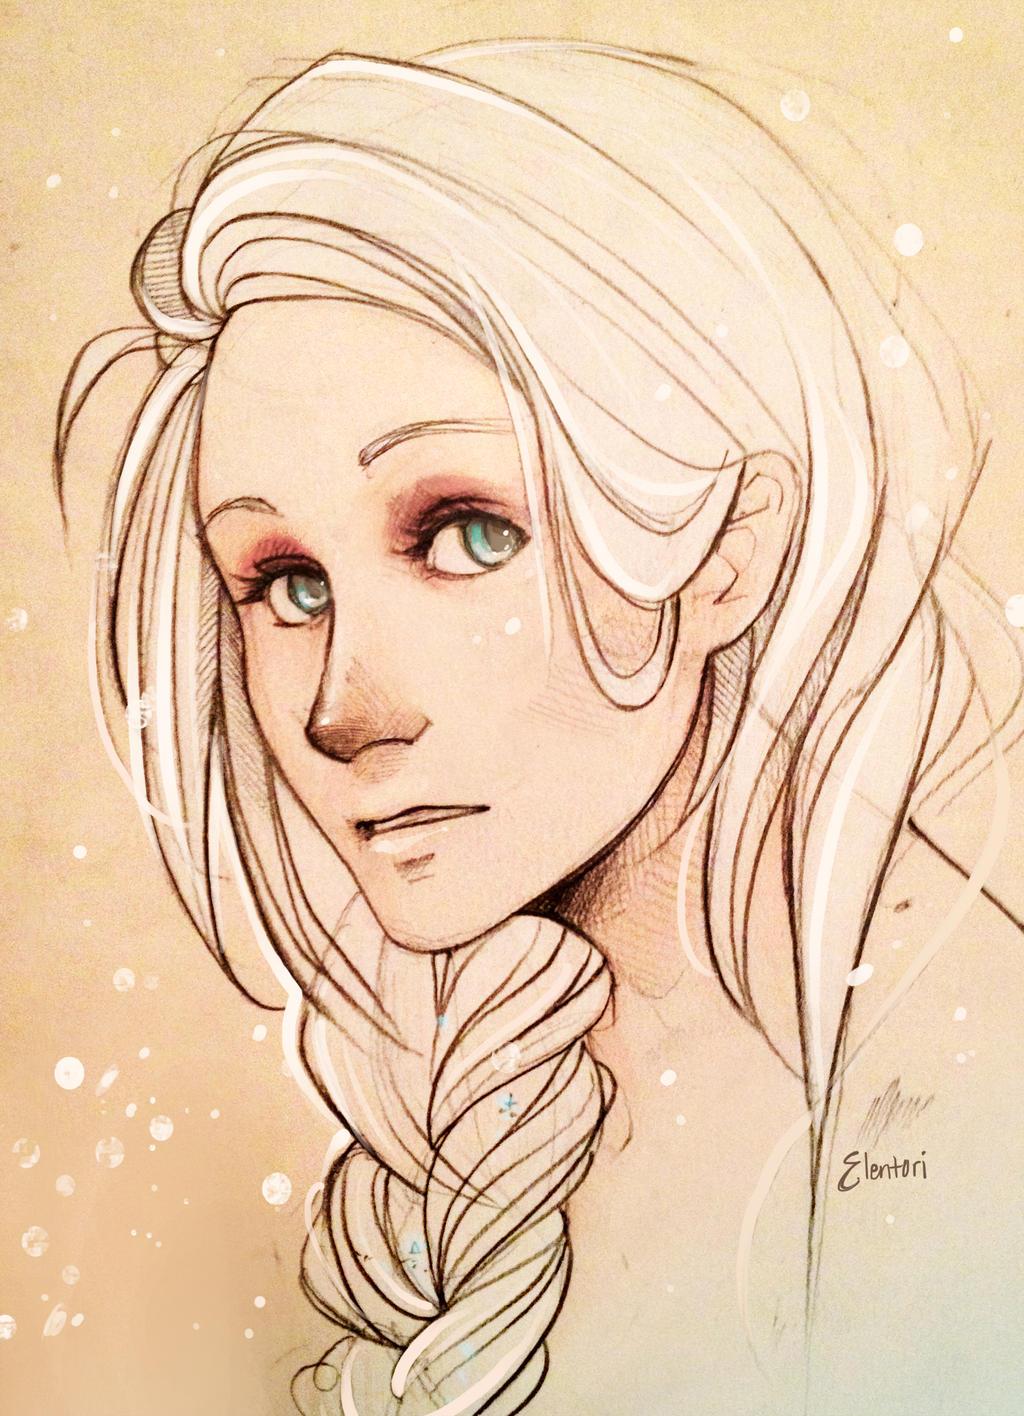 Elsa by Elentori